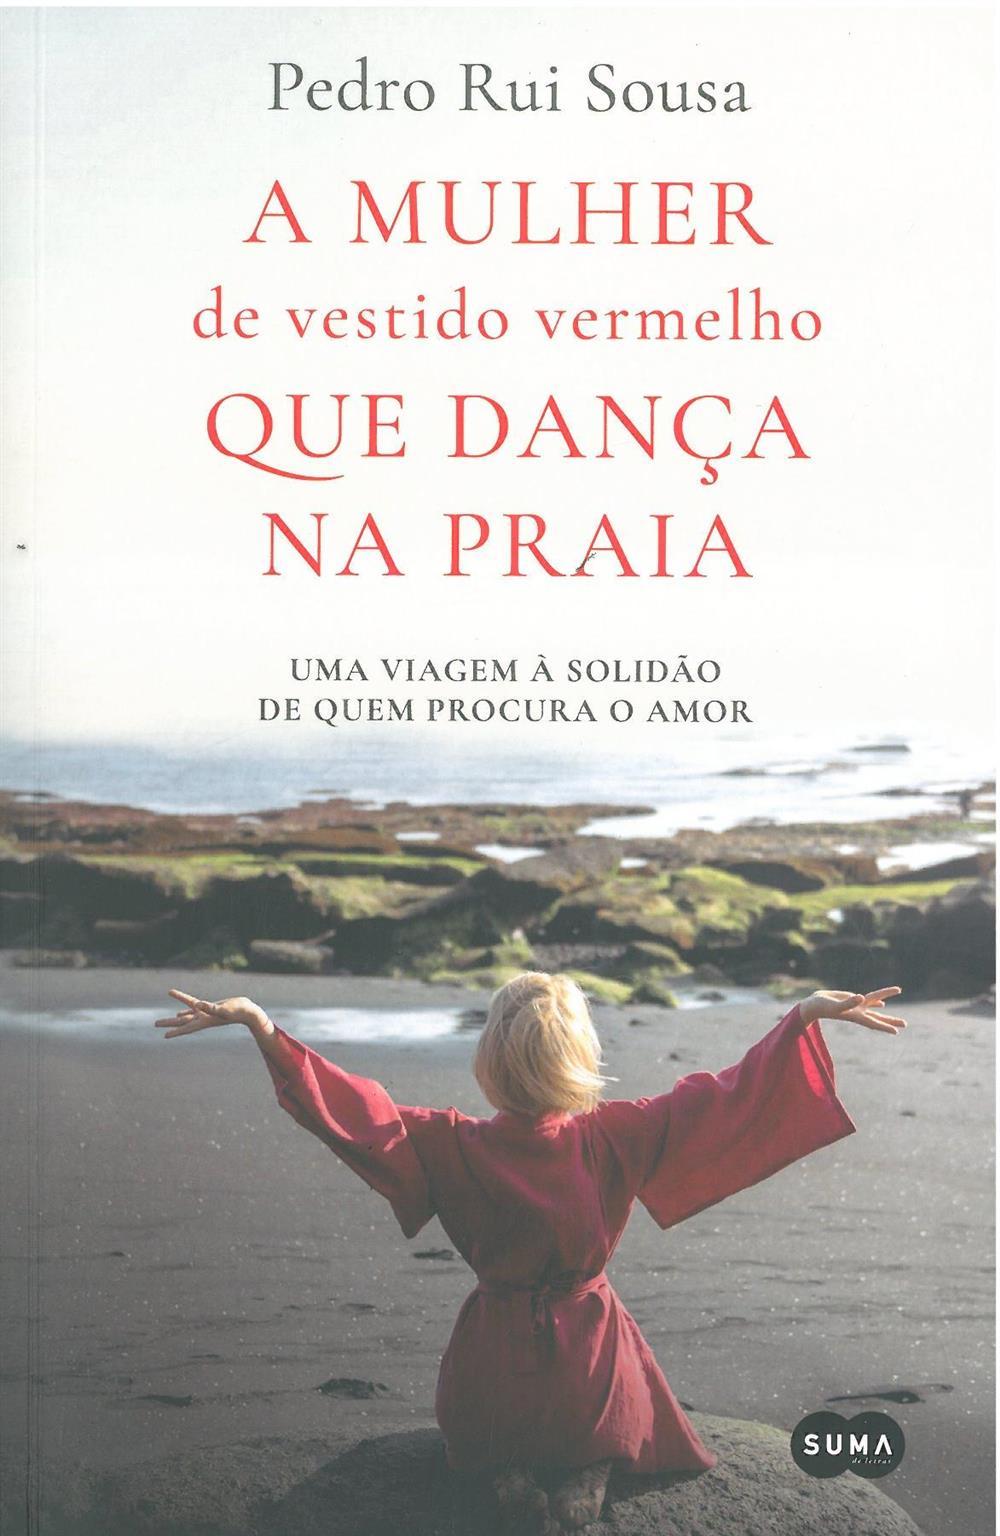 SOUSA, Pedro Rui (2021). A mulher de vestido vermelho que dança na praia.jpg